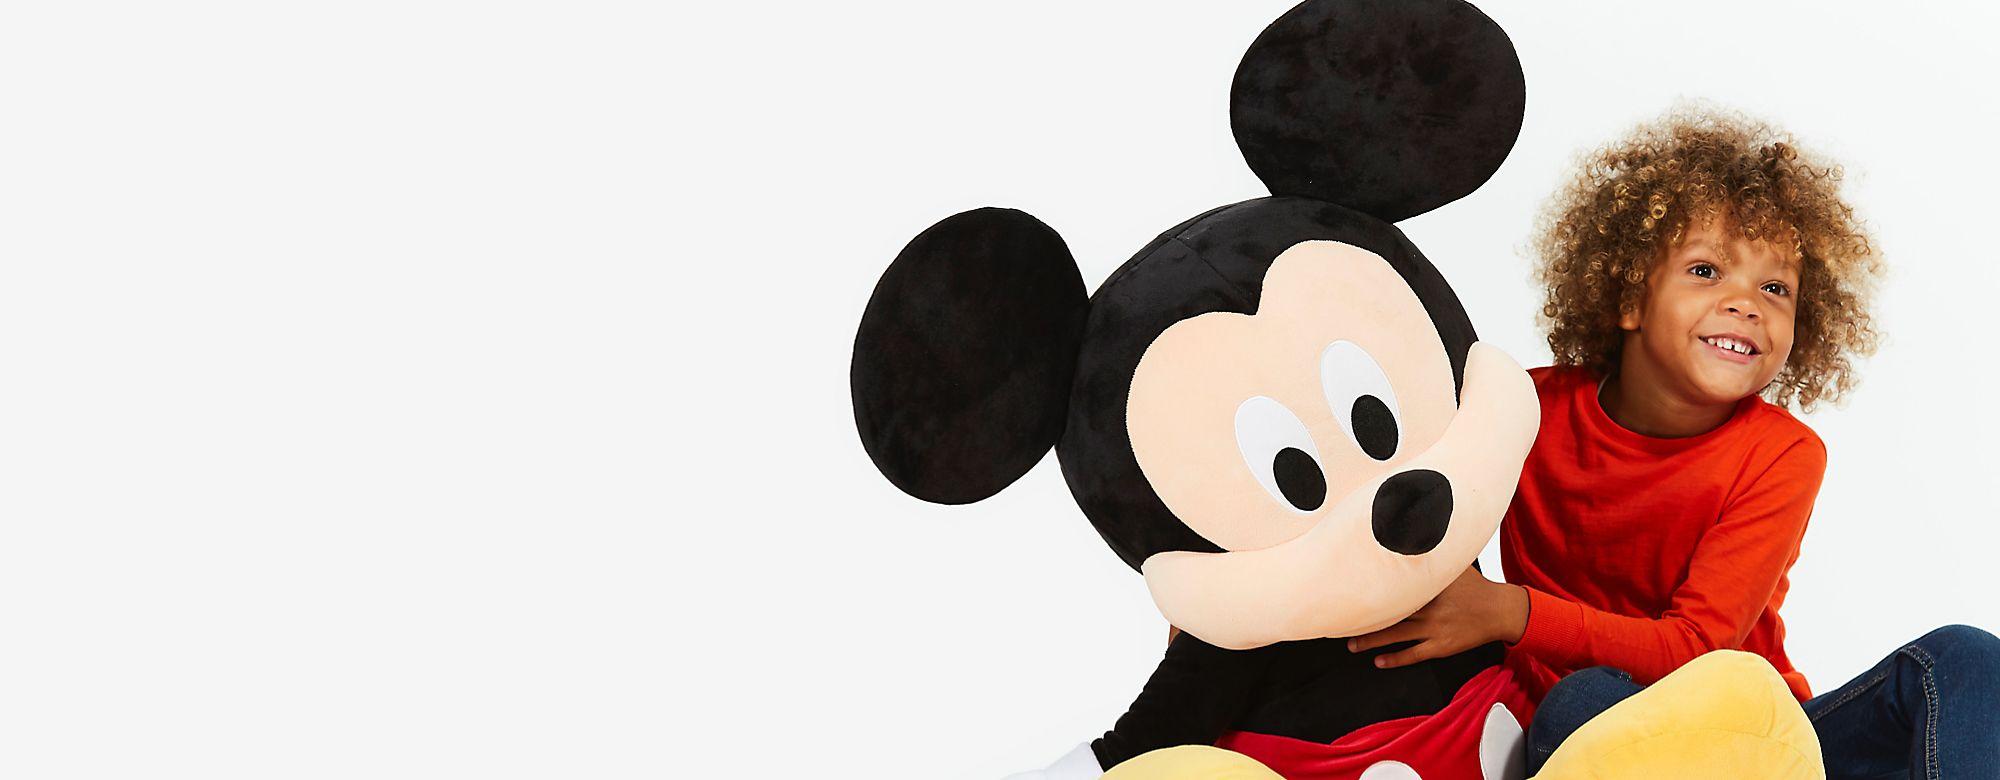 Disney Diffondi la magia attorno a te, assieme alla nostra gamma di giocattoli originali firmati Disney, le linee di abbigliamento, le statutine, tutti gli oggetti da collezione, gli articoli per la casa, i regali per adulti e bambini e altro ancora CONTINUA